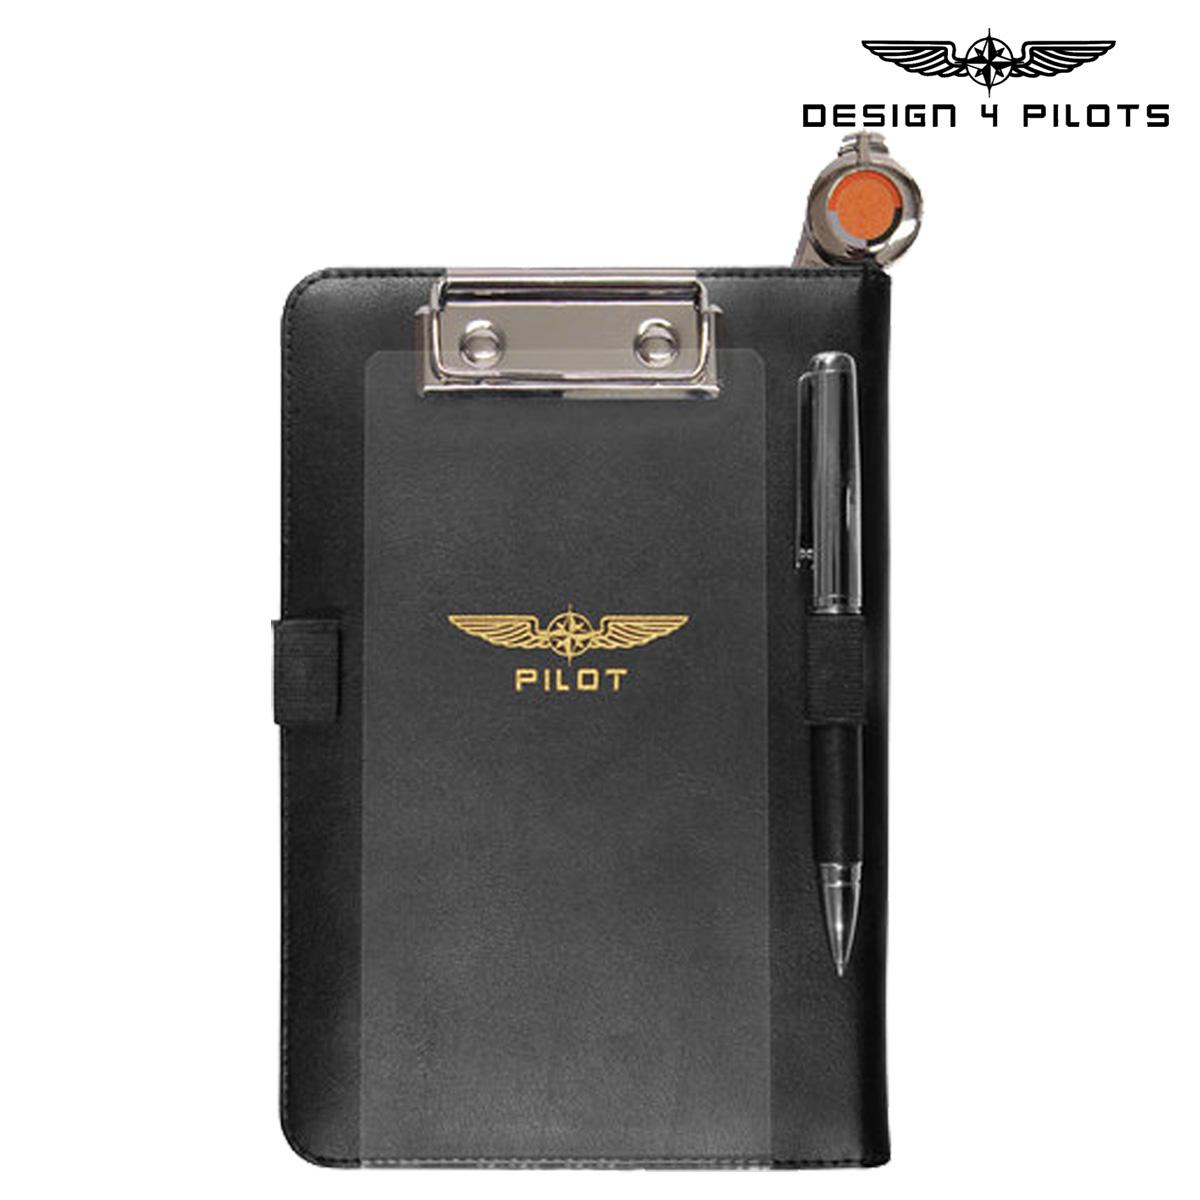 DESIGN 4 PILOTS デザイン4パイロッツ iPad mini ケース メモ帳 ニーボード ブラック I-PILOT MINI 飛行機 パイロットグッズ メンズ